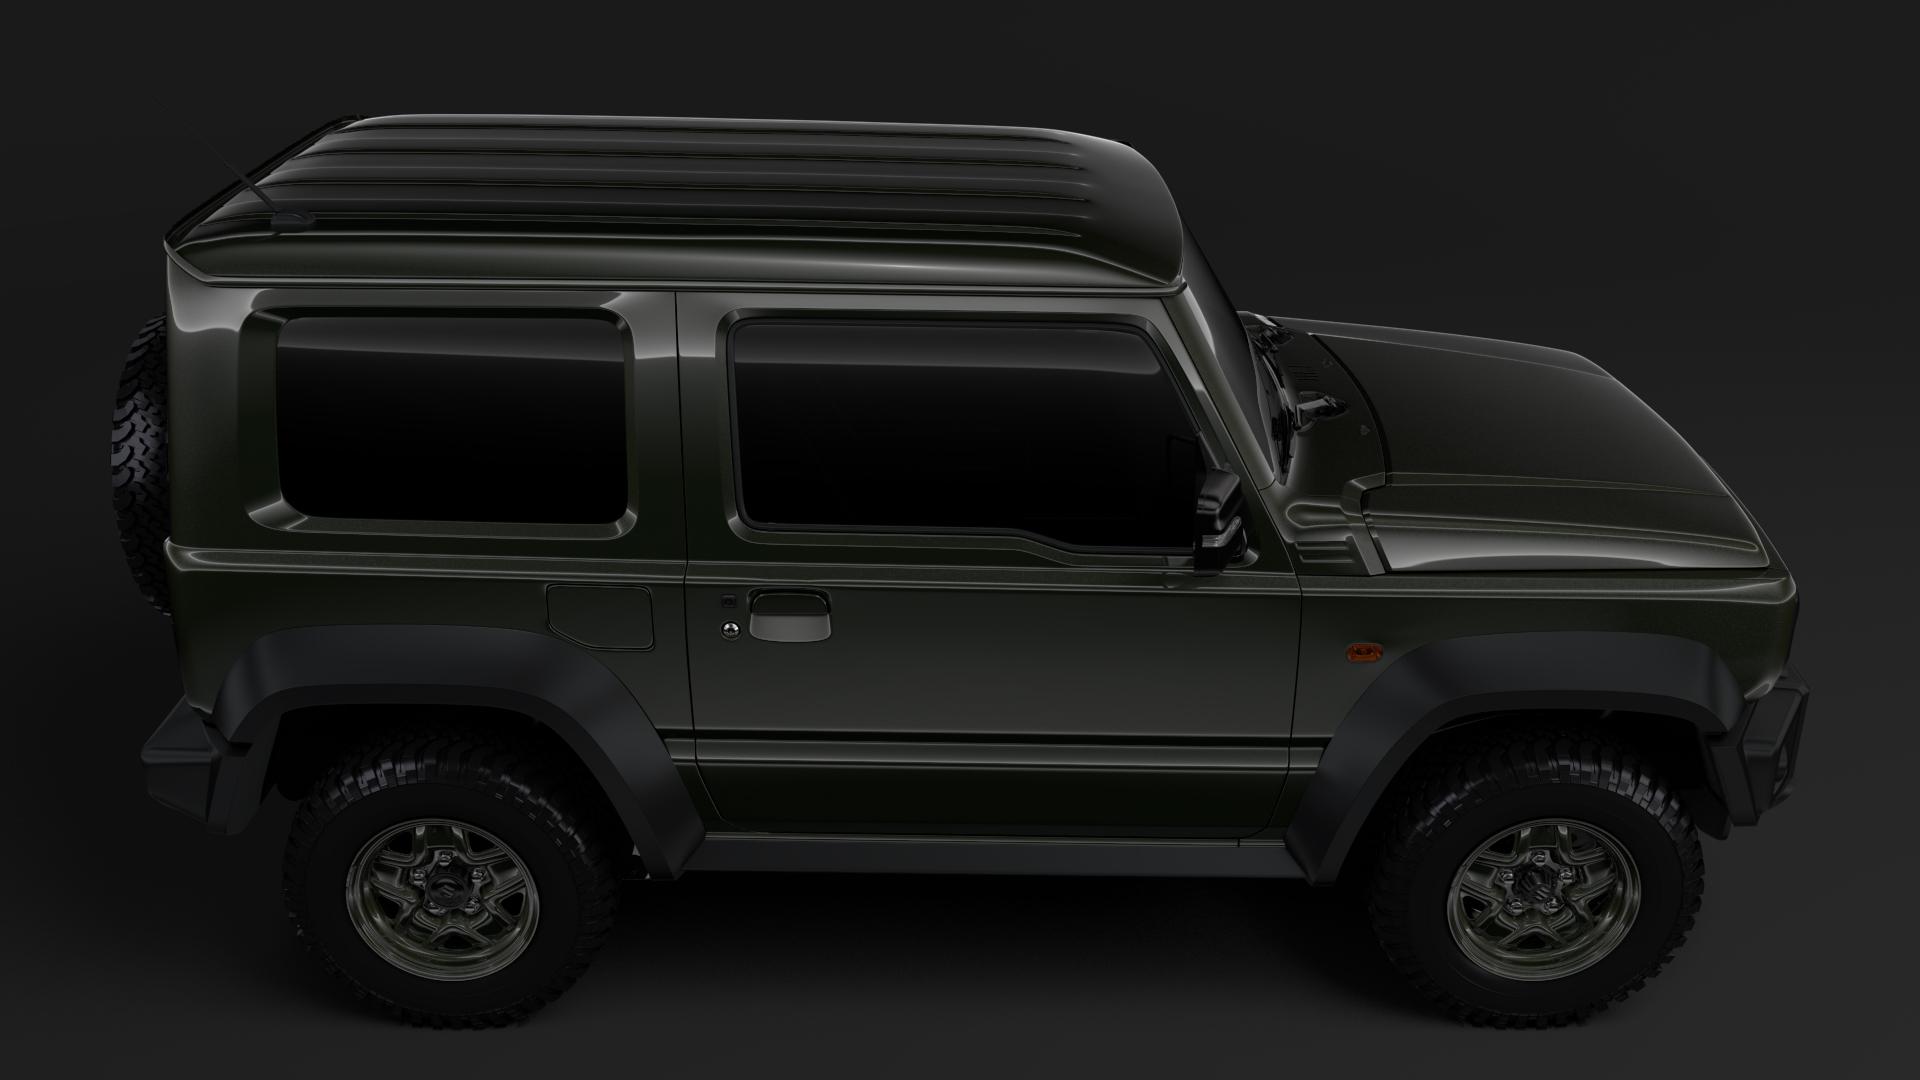 Suzuki Jimny Sierra JL 2019 3D Model - FlatPyramid